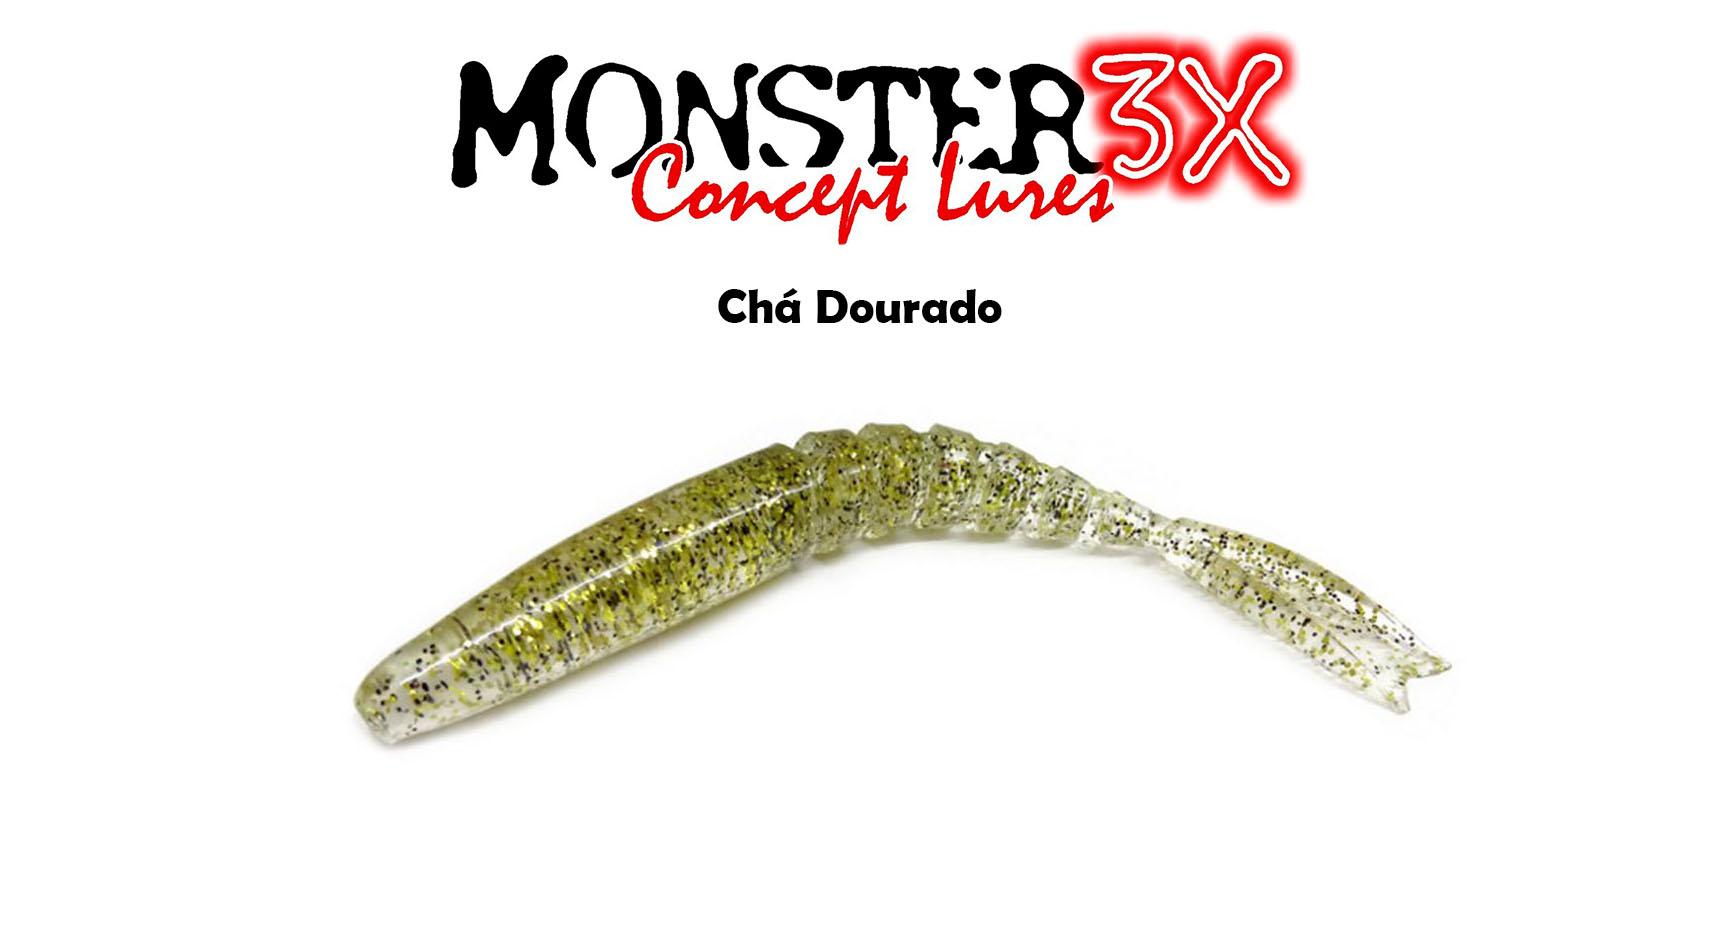 Isca Artificial Soft Monster 3X X-Swim (9 cm) 3 Peças - Várias Cores